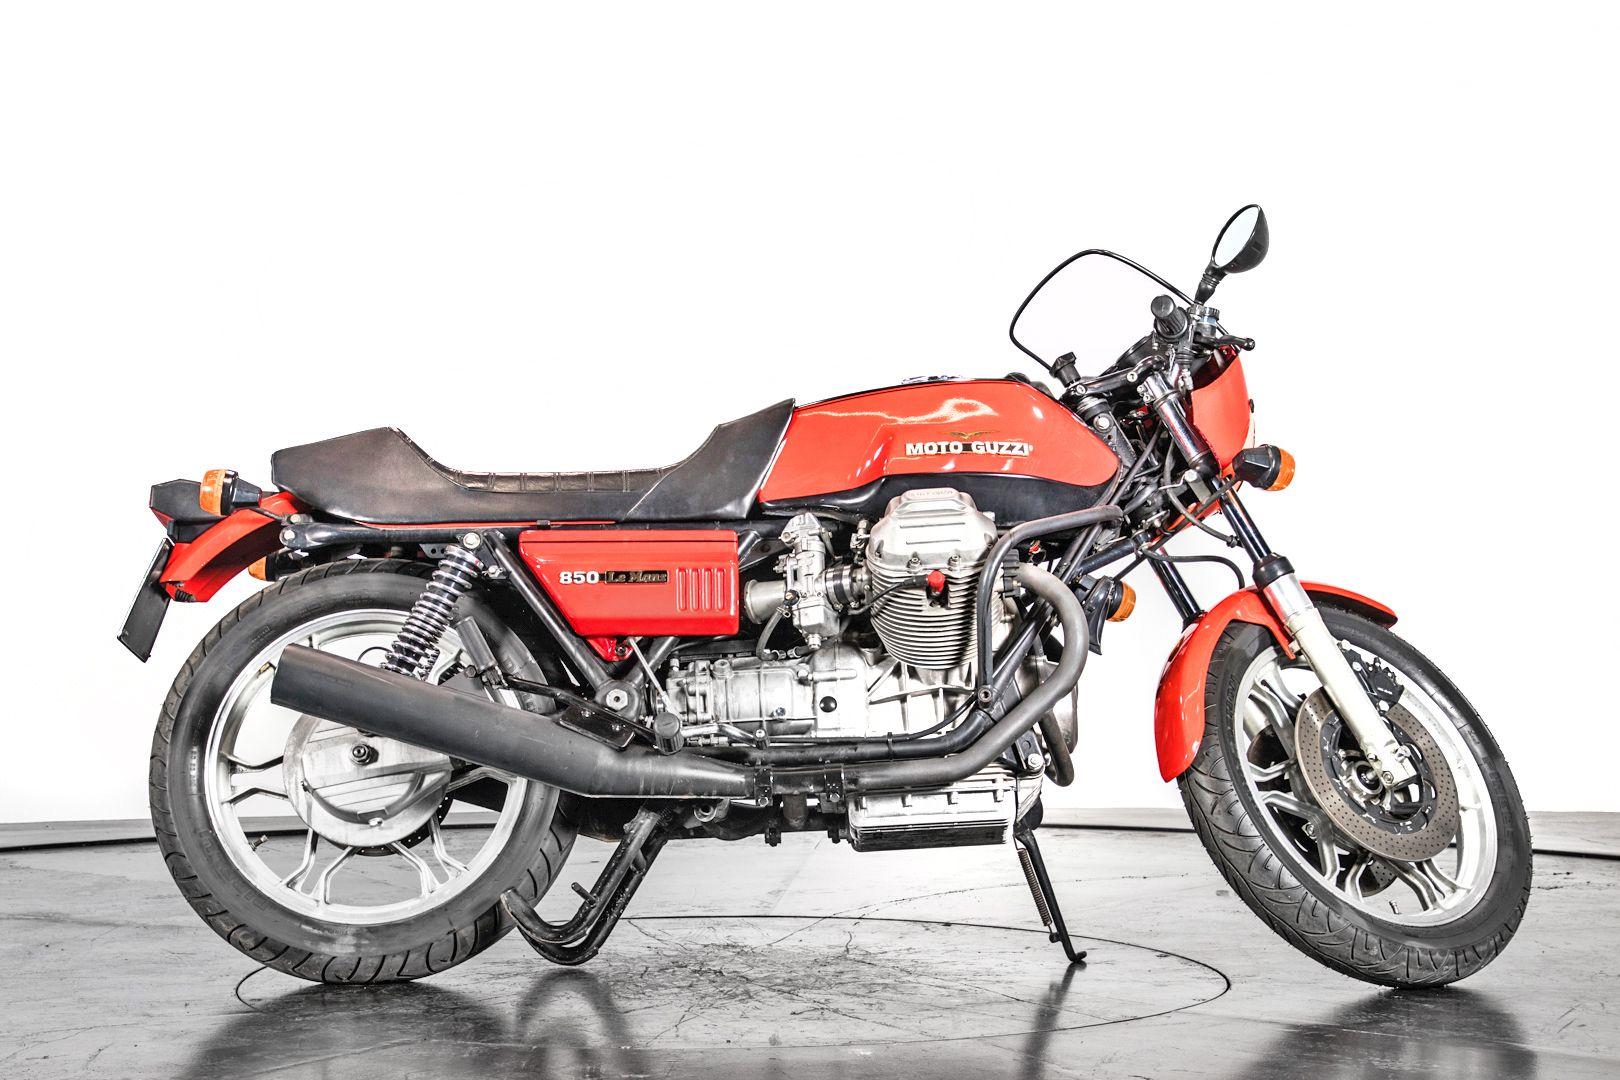 1977 Moto Guzzi Le Mans VE 850 41839